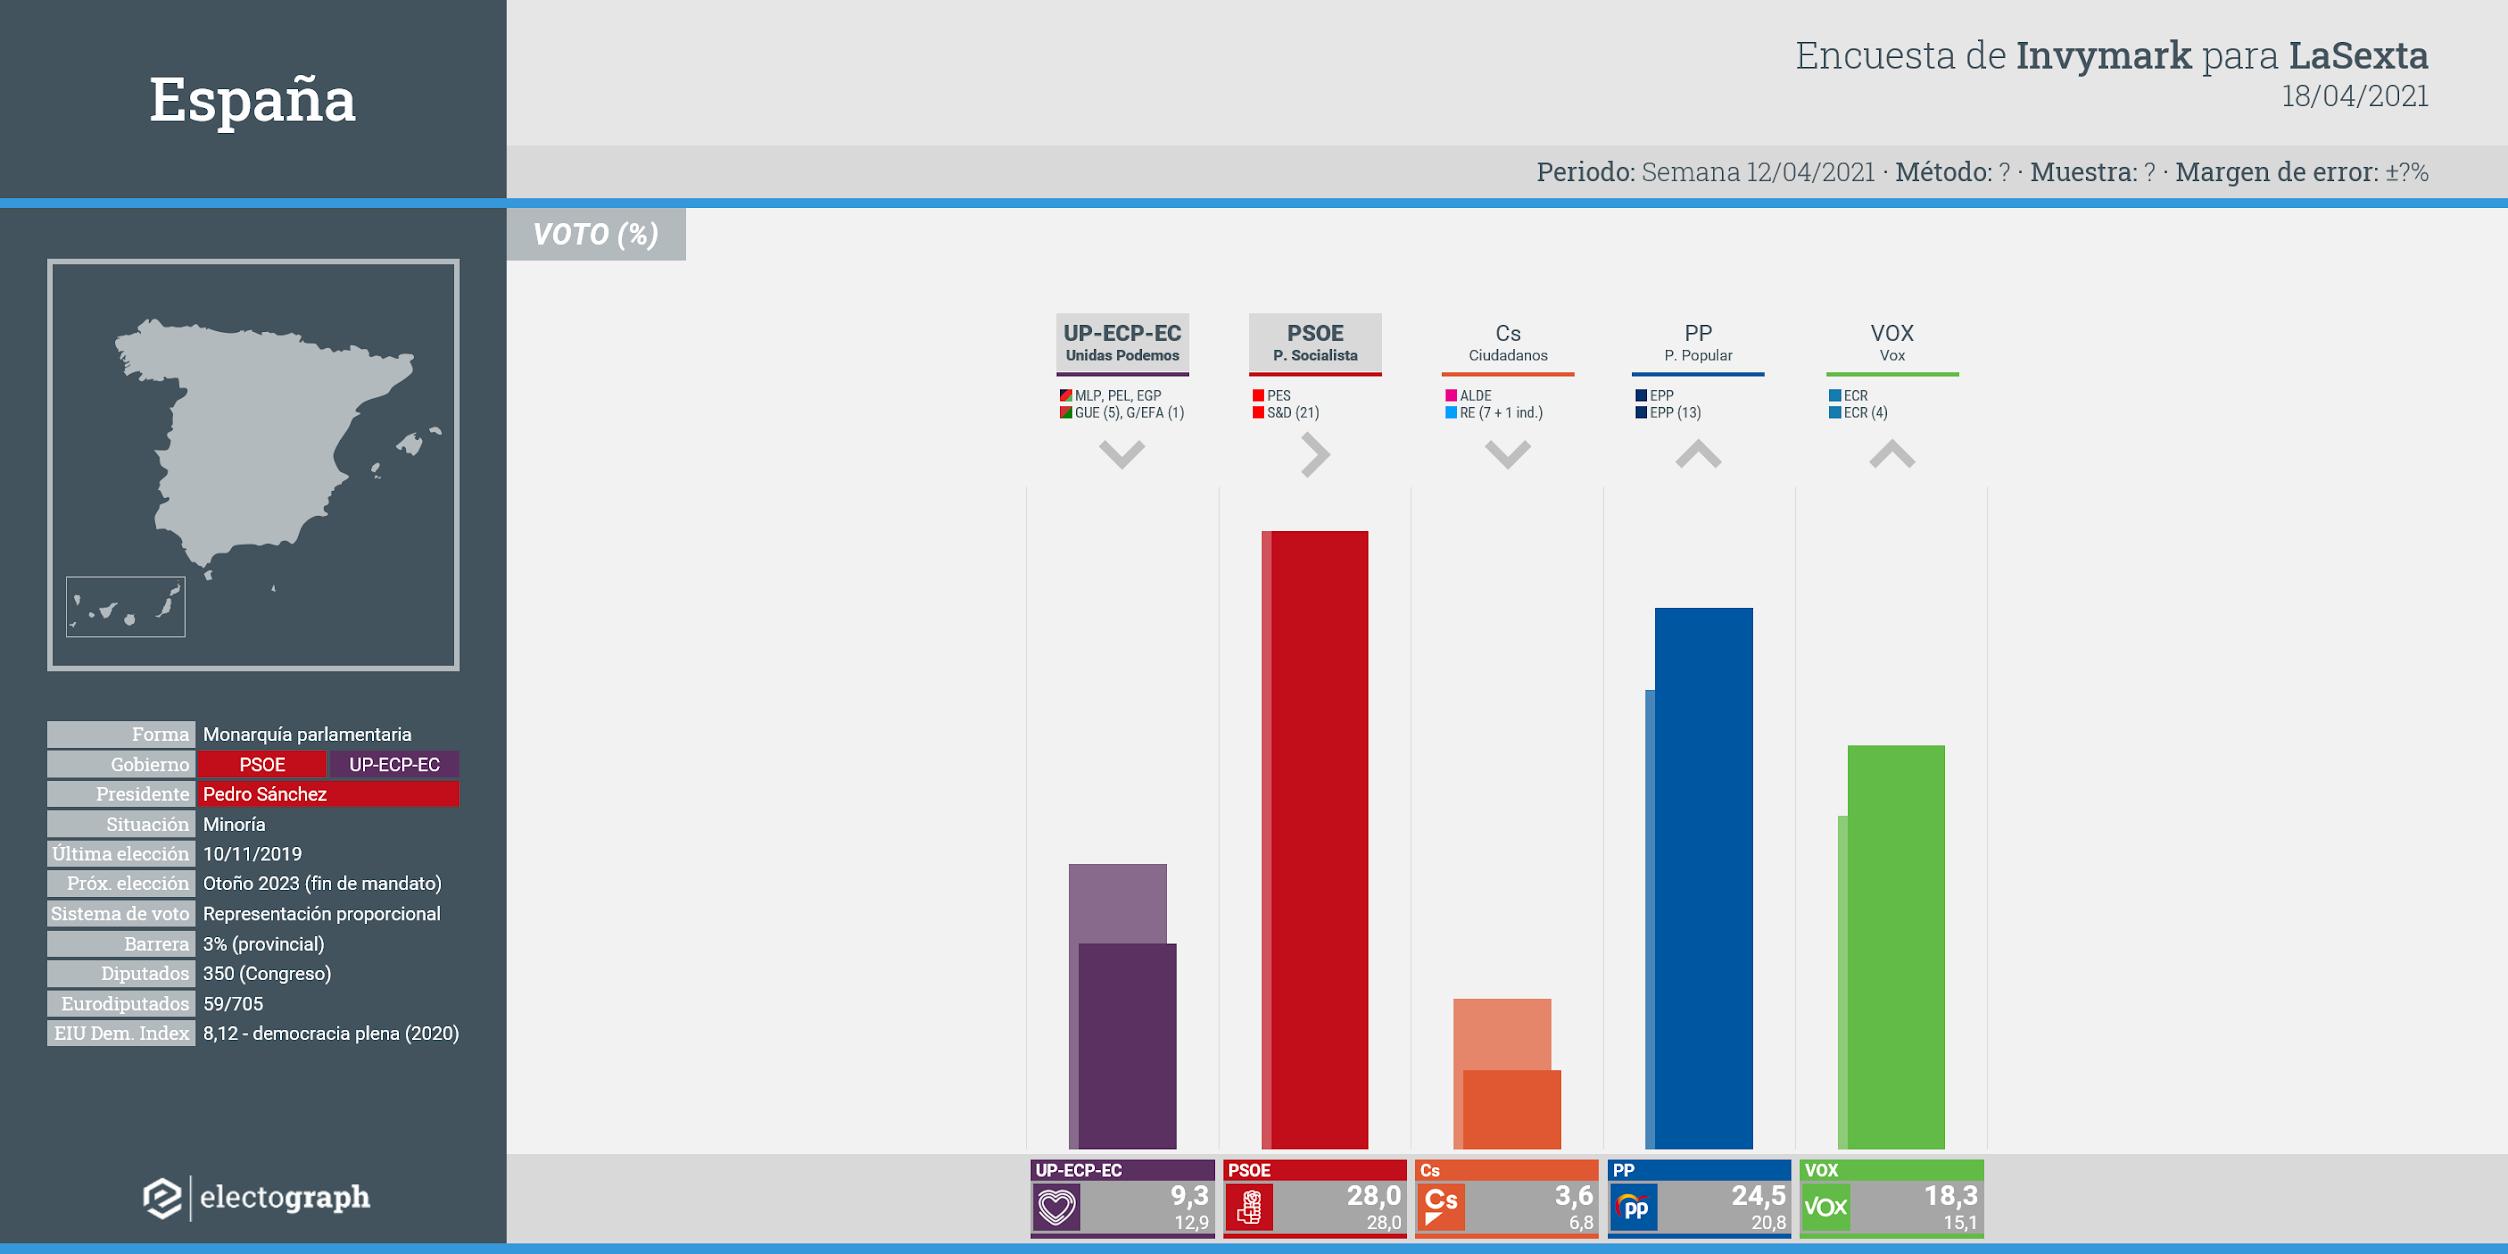 Gráfico de la encuesta para elecciones generales en España realizada por Invymark para LaSexta, 18 de abril de 2021